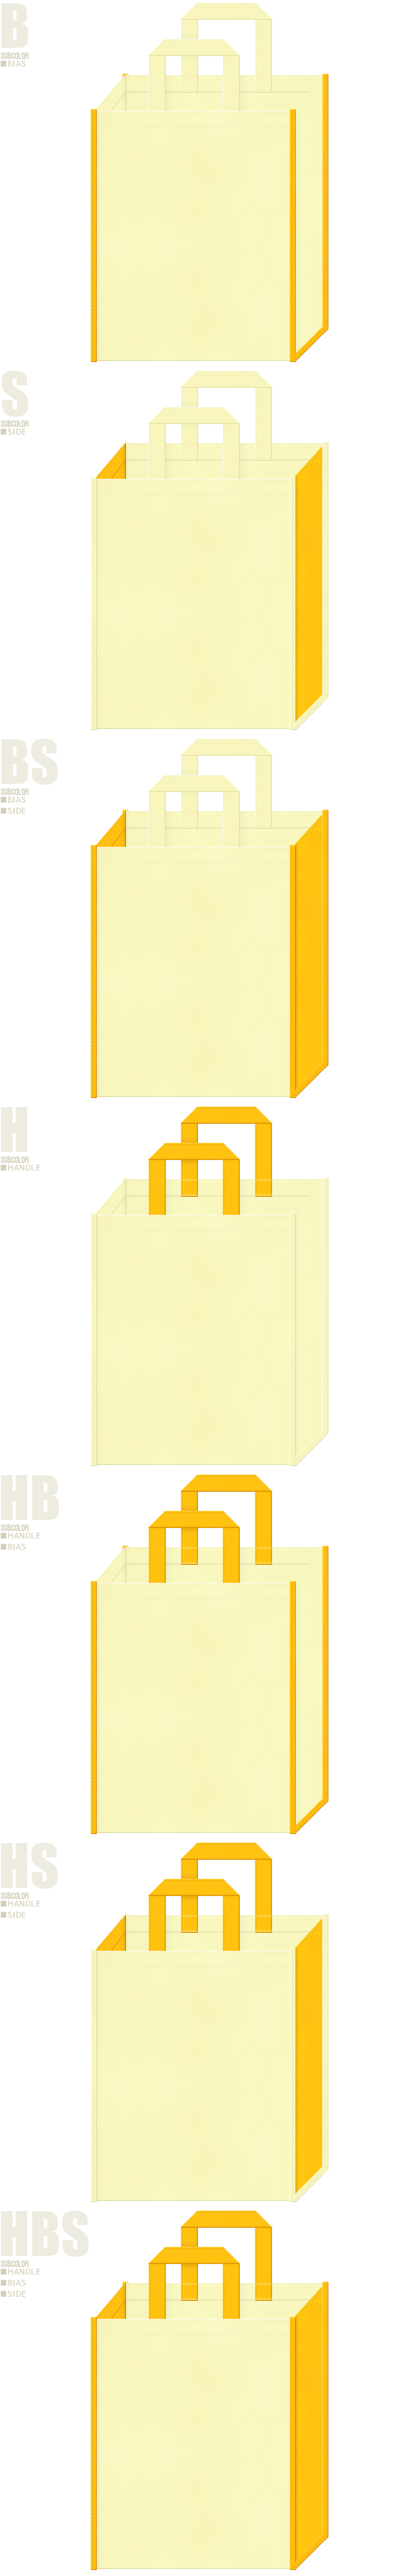 薄黄色と黄色、7パターンの不織布トートバッグ配色デザイン例。子供向け交通安全セミナーの資料配布用バッグにお奨めです。